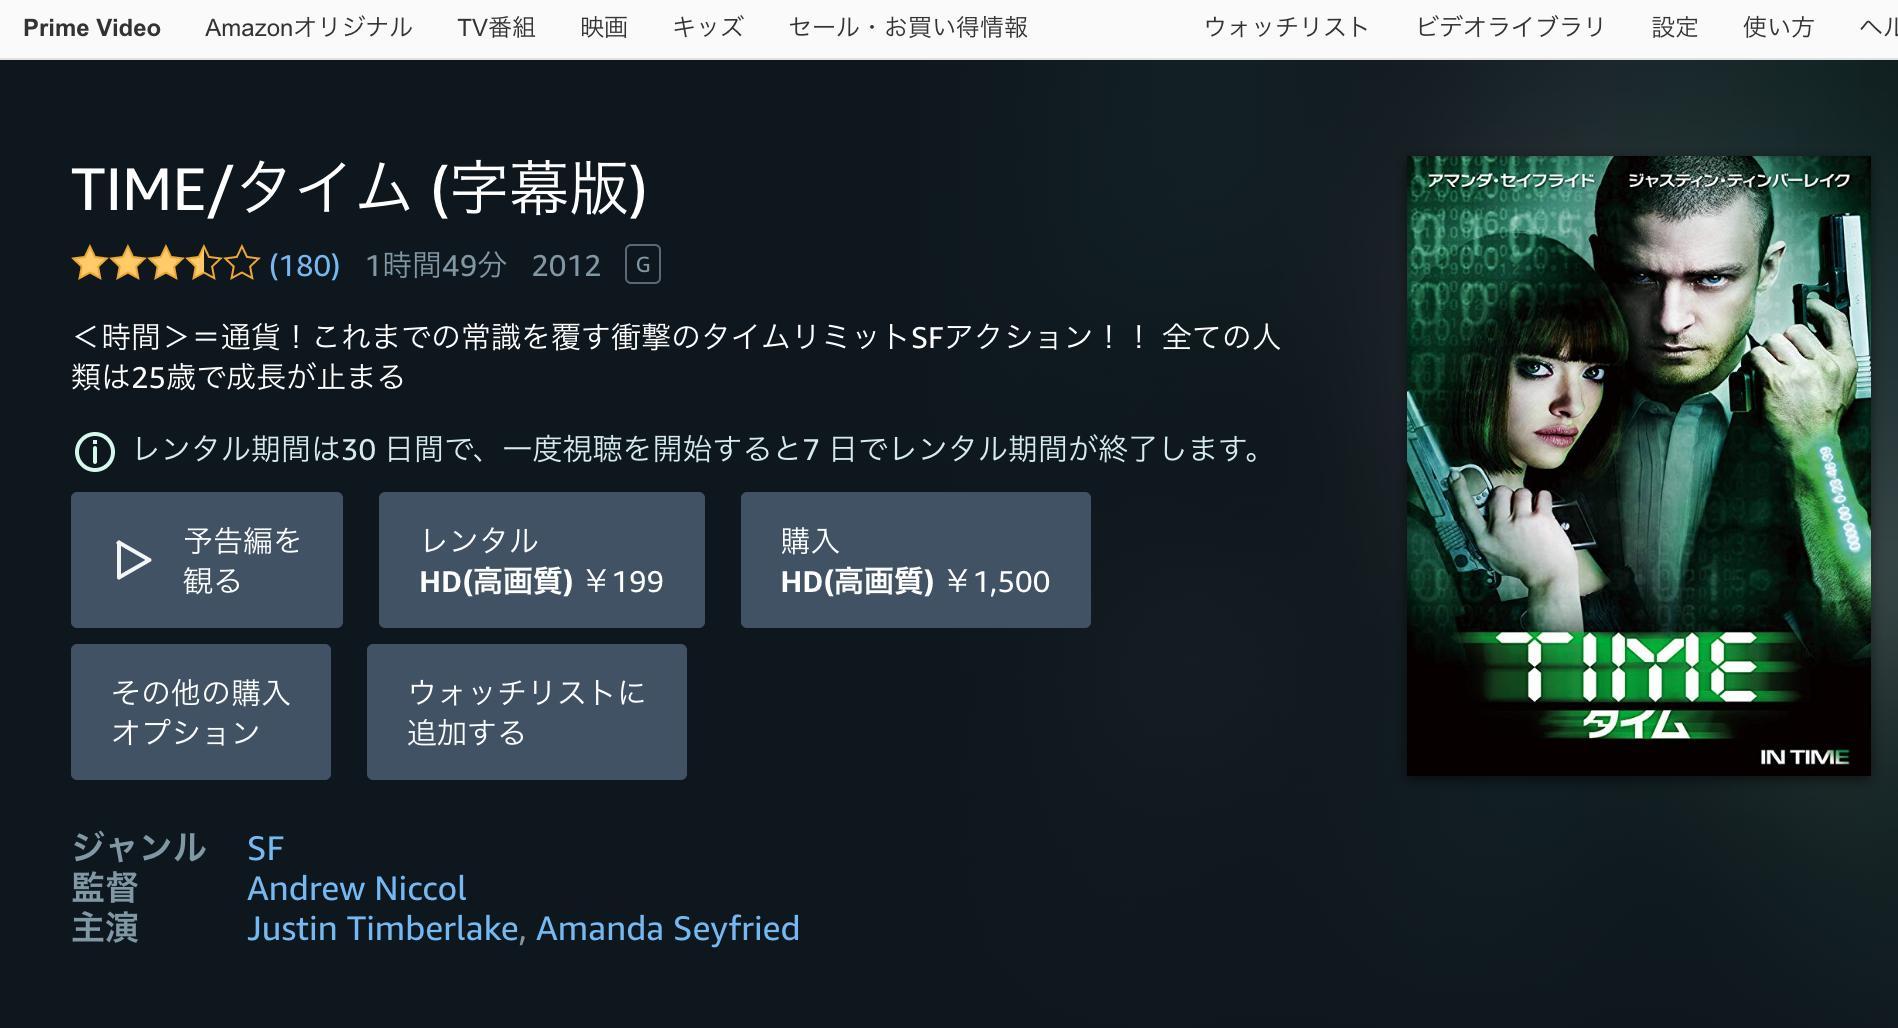 こっちはなぜかプライムビデオで有料。同じ字幕版だと思うけど。公開年が2012年になっていて日本版という感じがする。  TIME/タイム (字幕版)を観る | Prime Video https://t.co/a610tl2vuA https://t.co/TA1VzelxYj